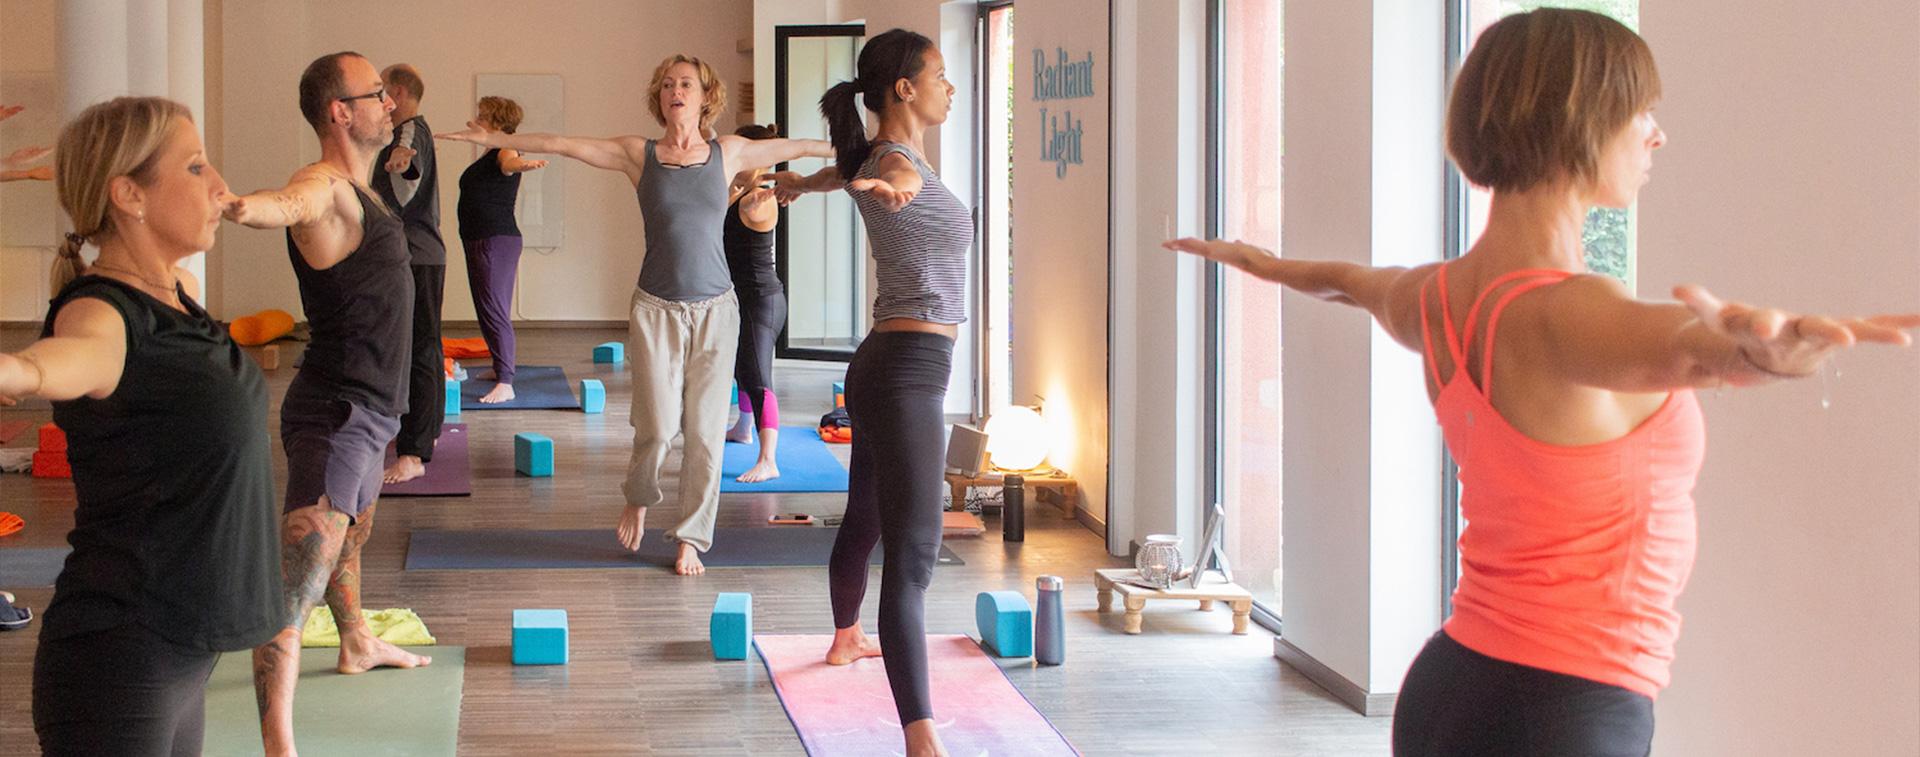 Home - Radiant Light Yoga